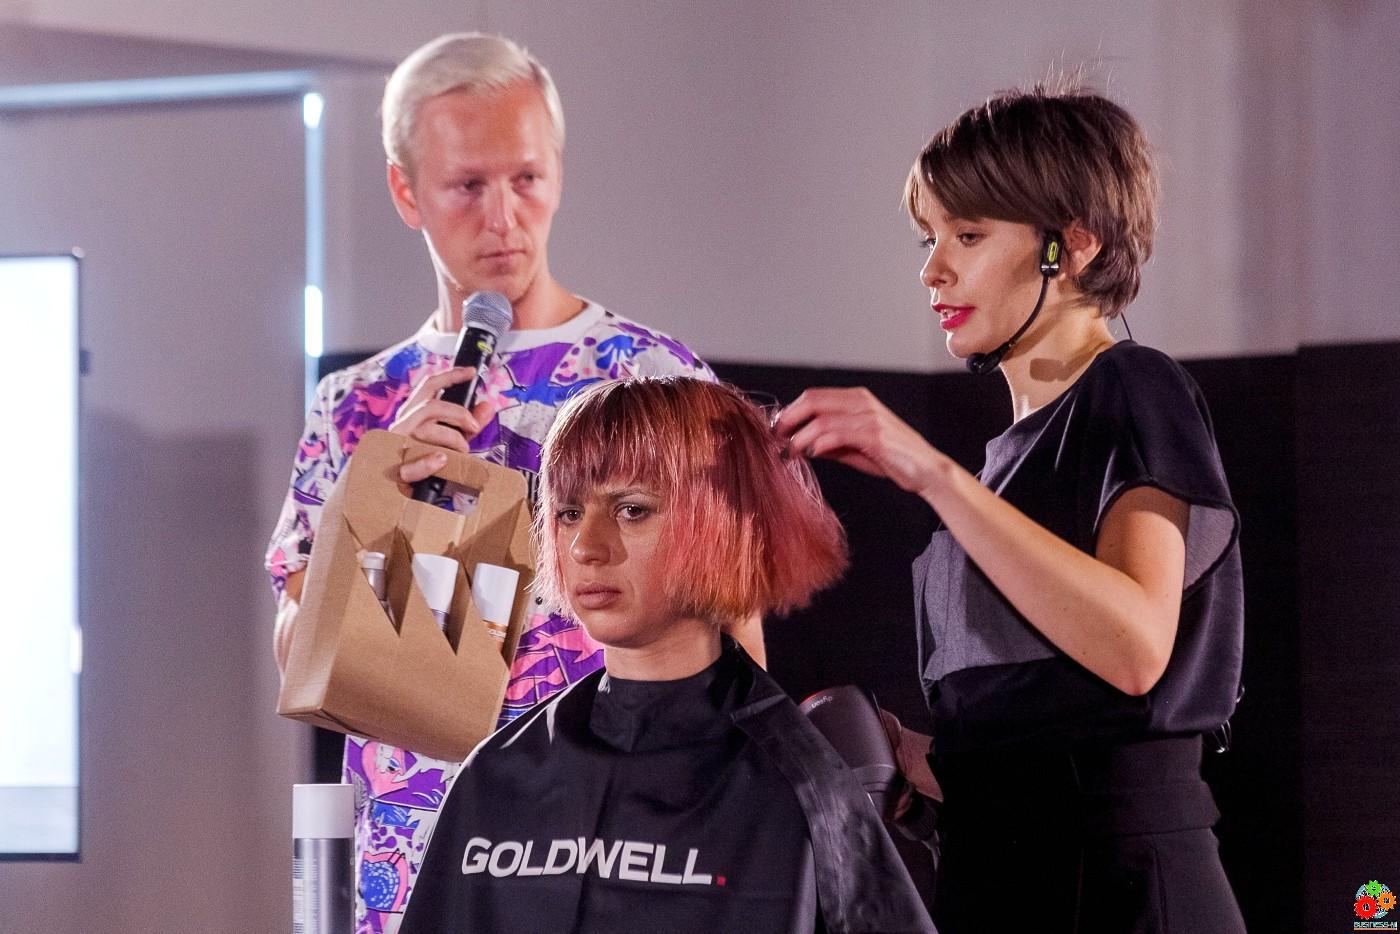 Лидия Малец: Goldwell это инновации и креативность!